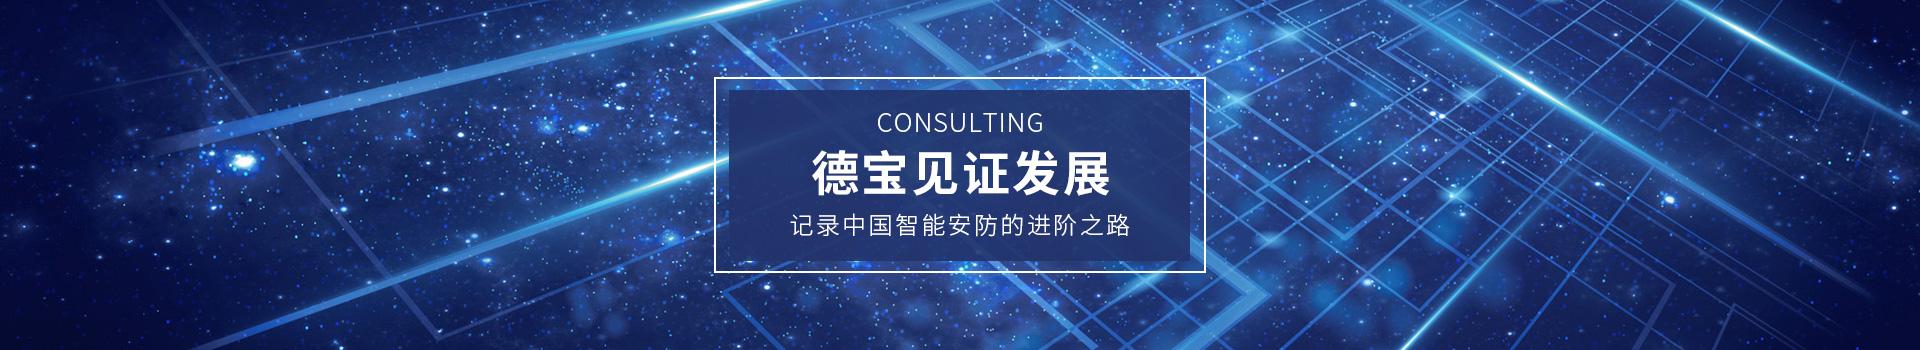 德宝见证发展,记录中国智能安防的进阶之路